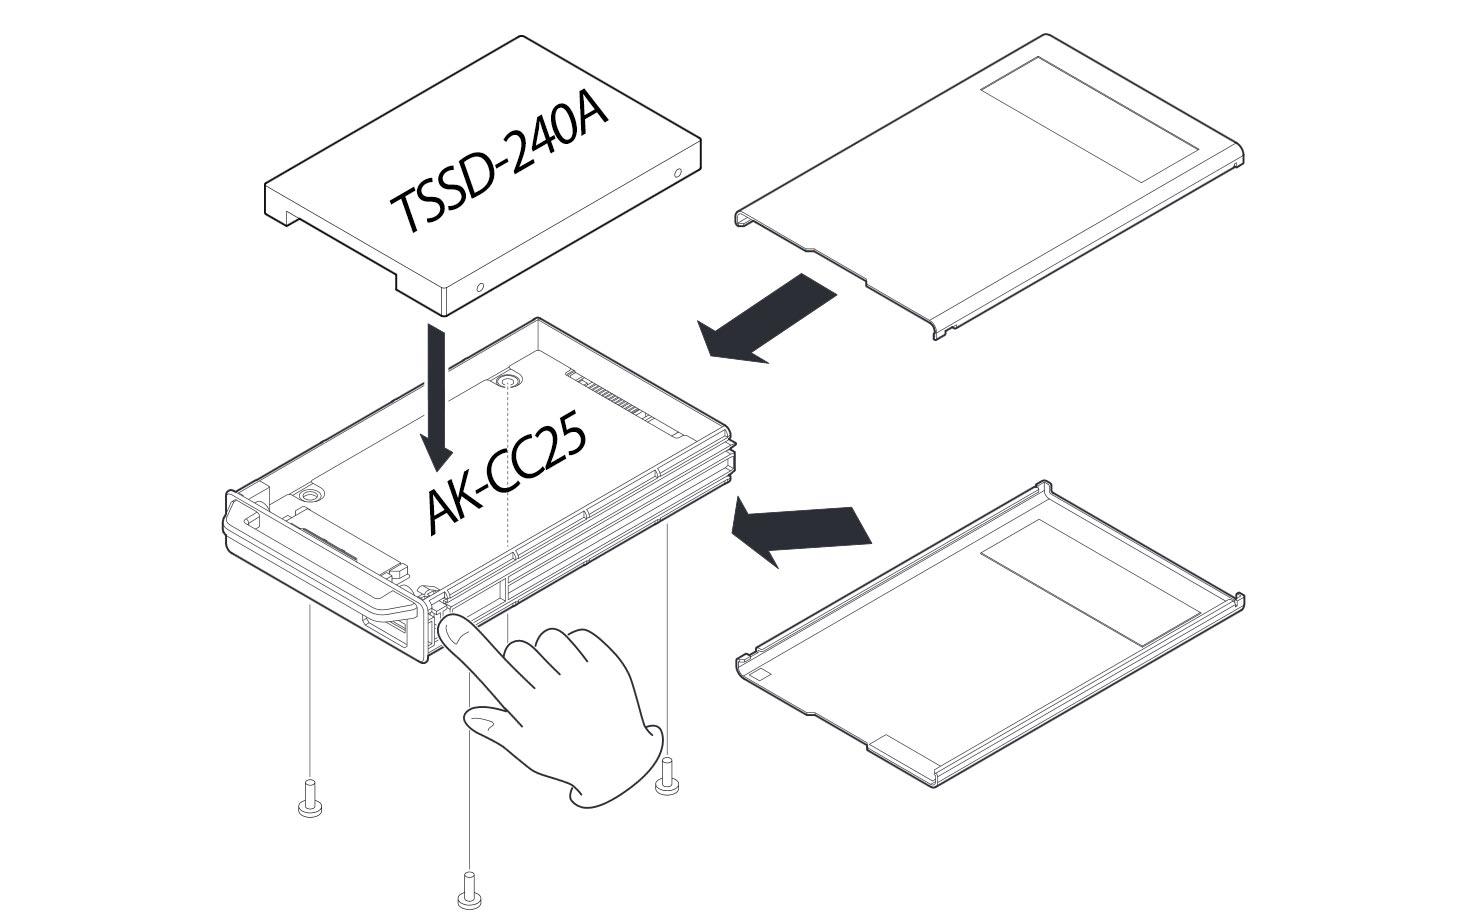 tascam-tssd-240a-festplatte-fa-r-tascam-da-6400-serie